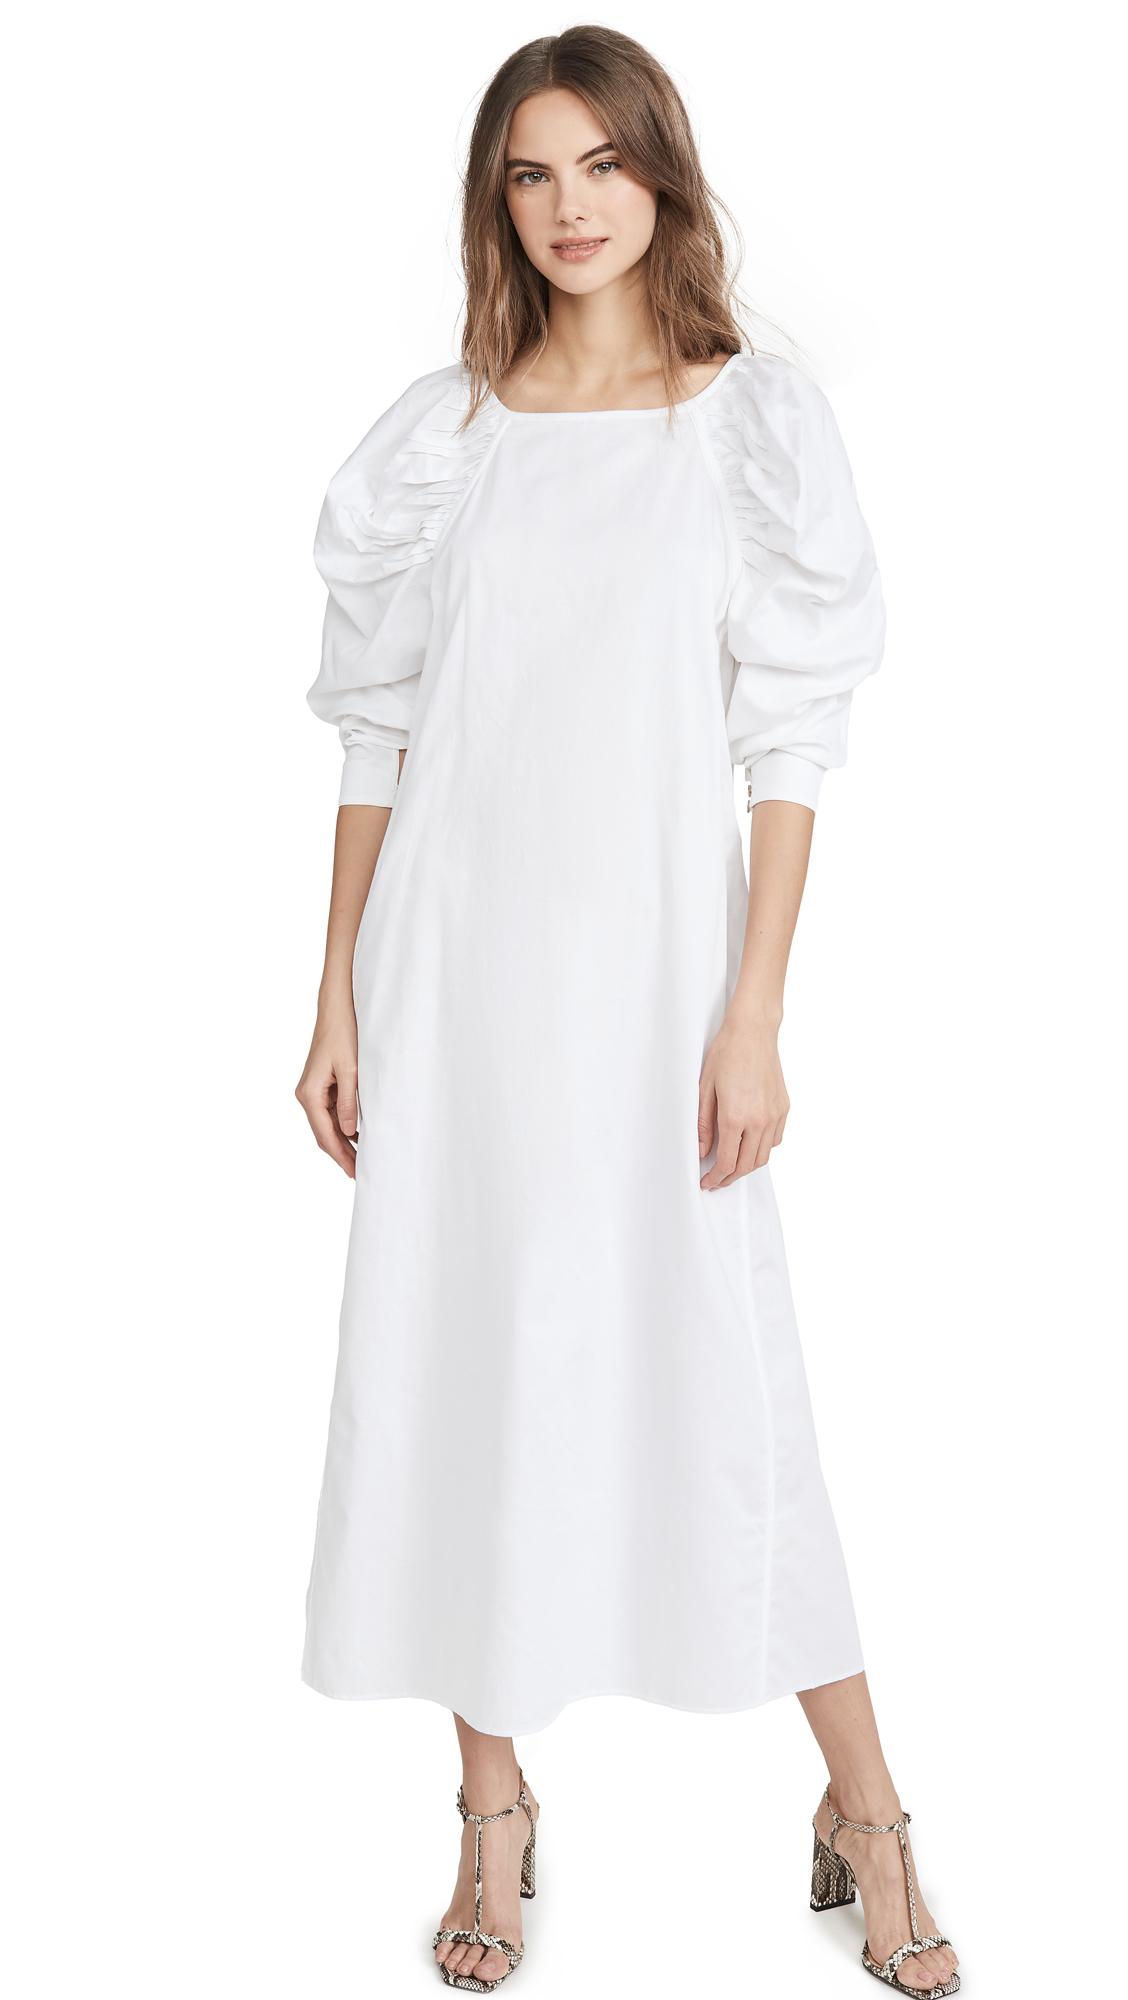 Mara Hoffman Elisabetta Dress – 30% Off Sale